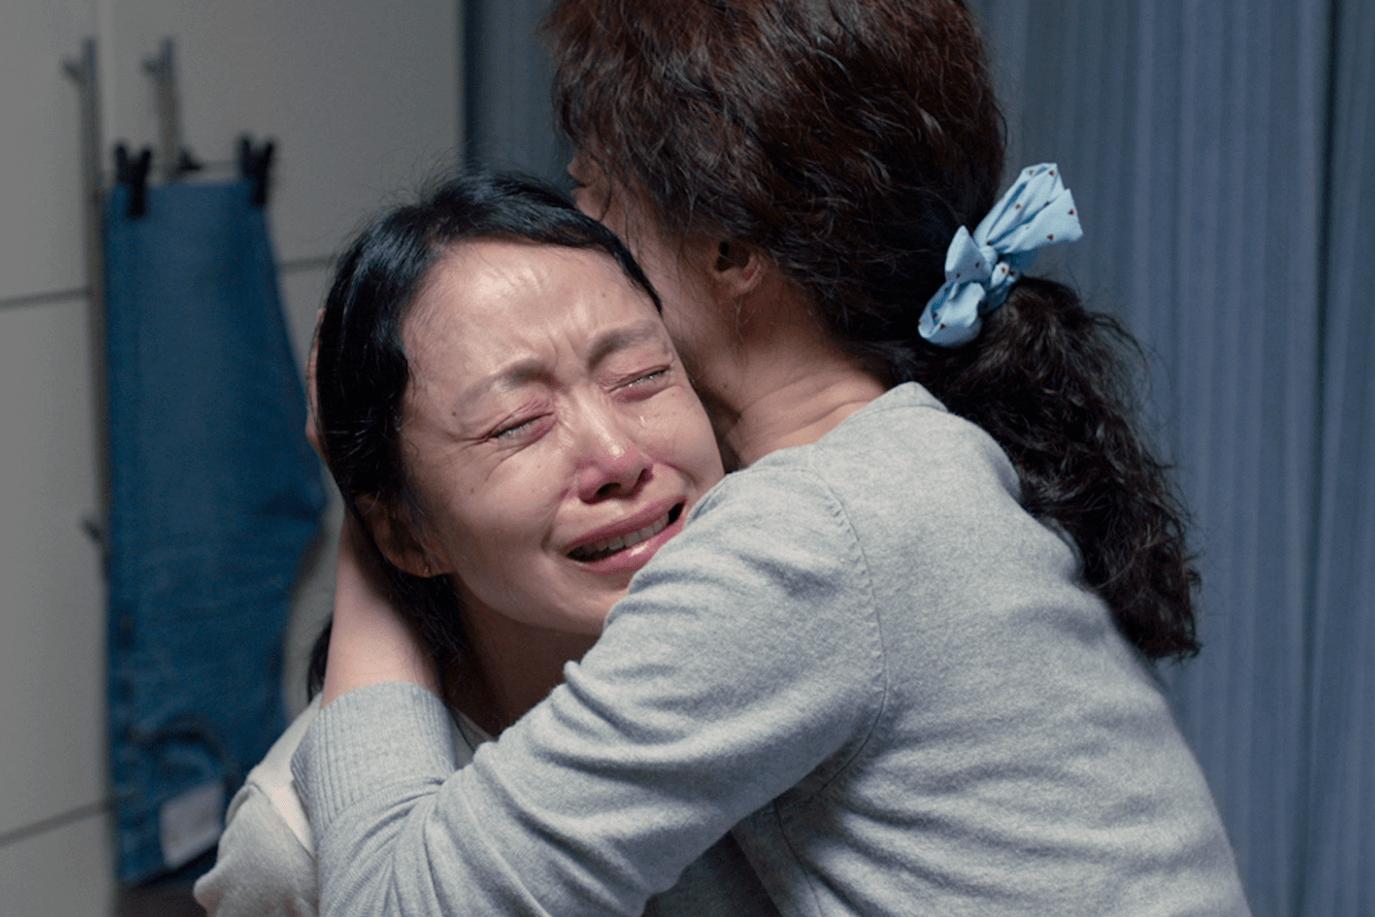 全度妍當初收到劇本哭了不少,卻因感到故事帶來的壓力而推辭,結果故事在腦海中揮之不去,放不下來,最終因電影「傷悲不以傷悲來終結」,鼓起勇氣接拍。